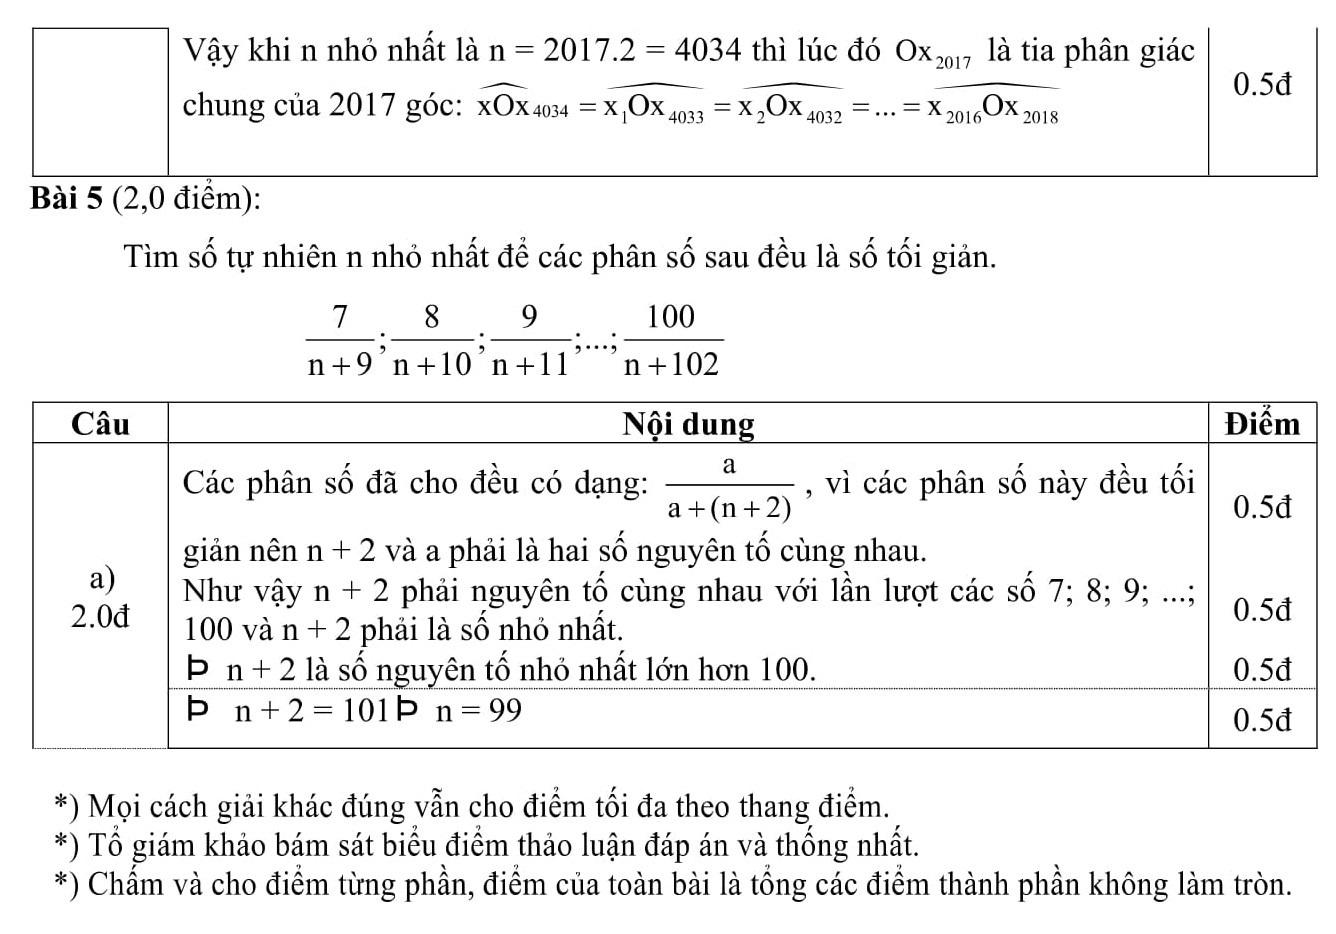 Đáp án và đề thi HSG toán 6 phòng GD&ĐT Tiền Hải 2016-2017